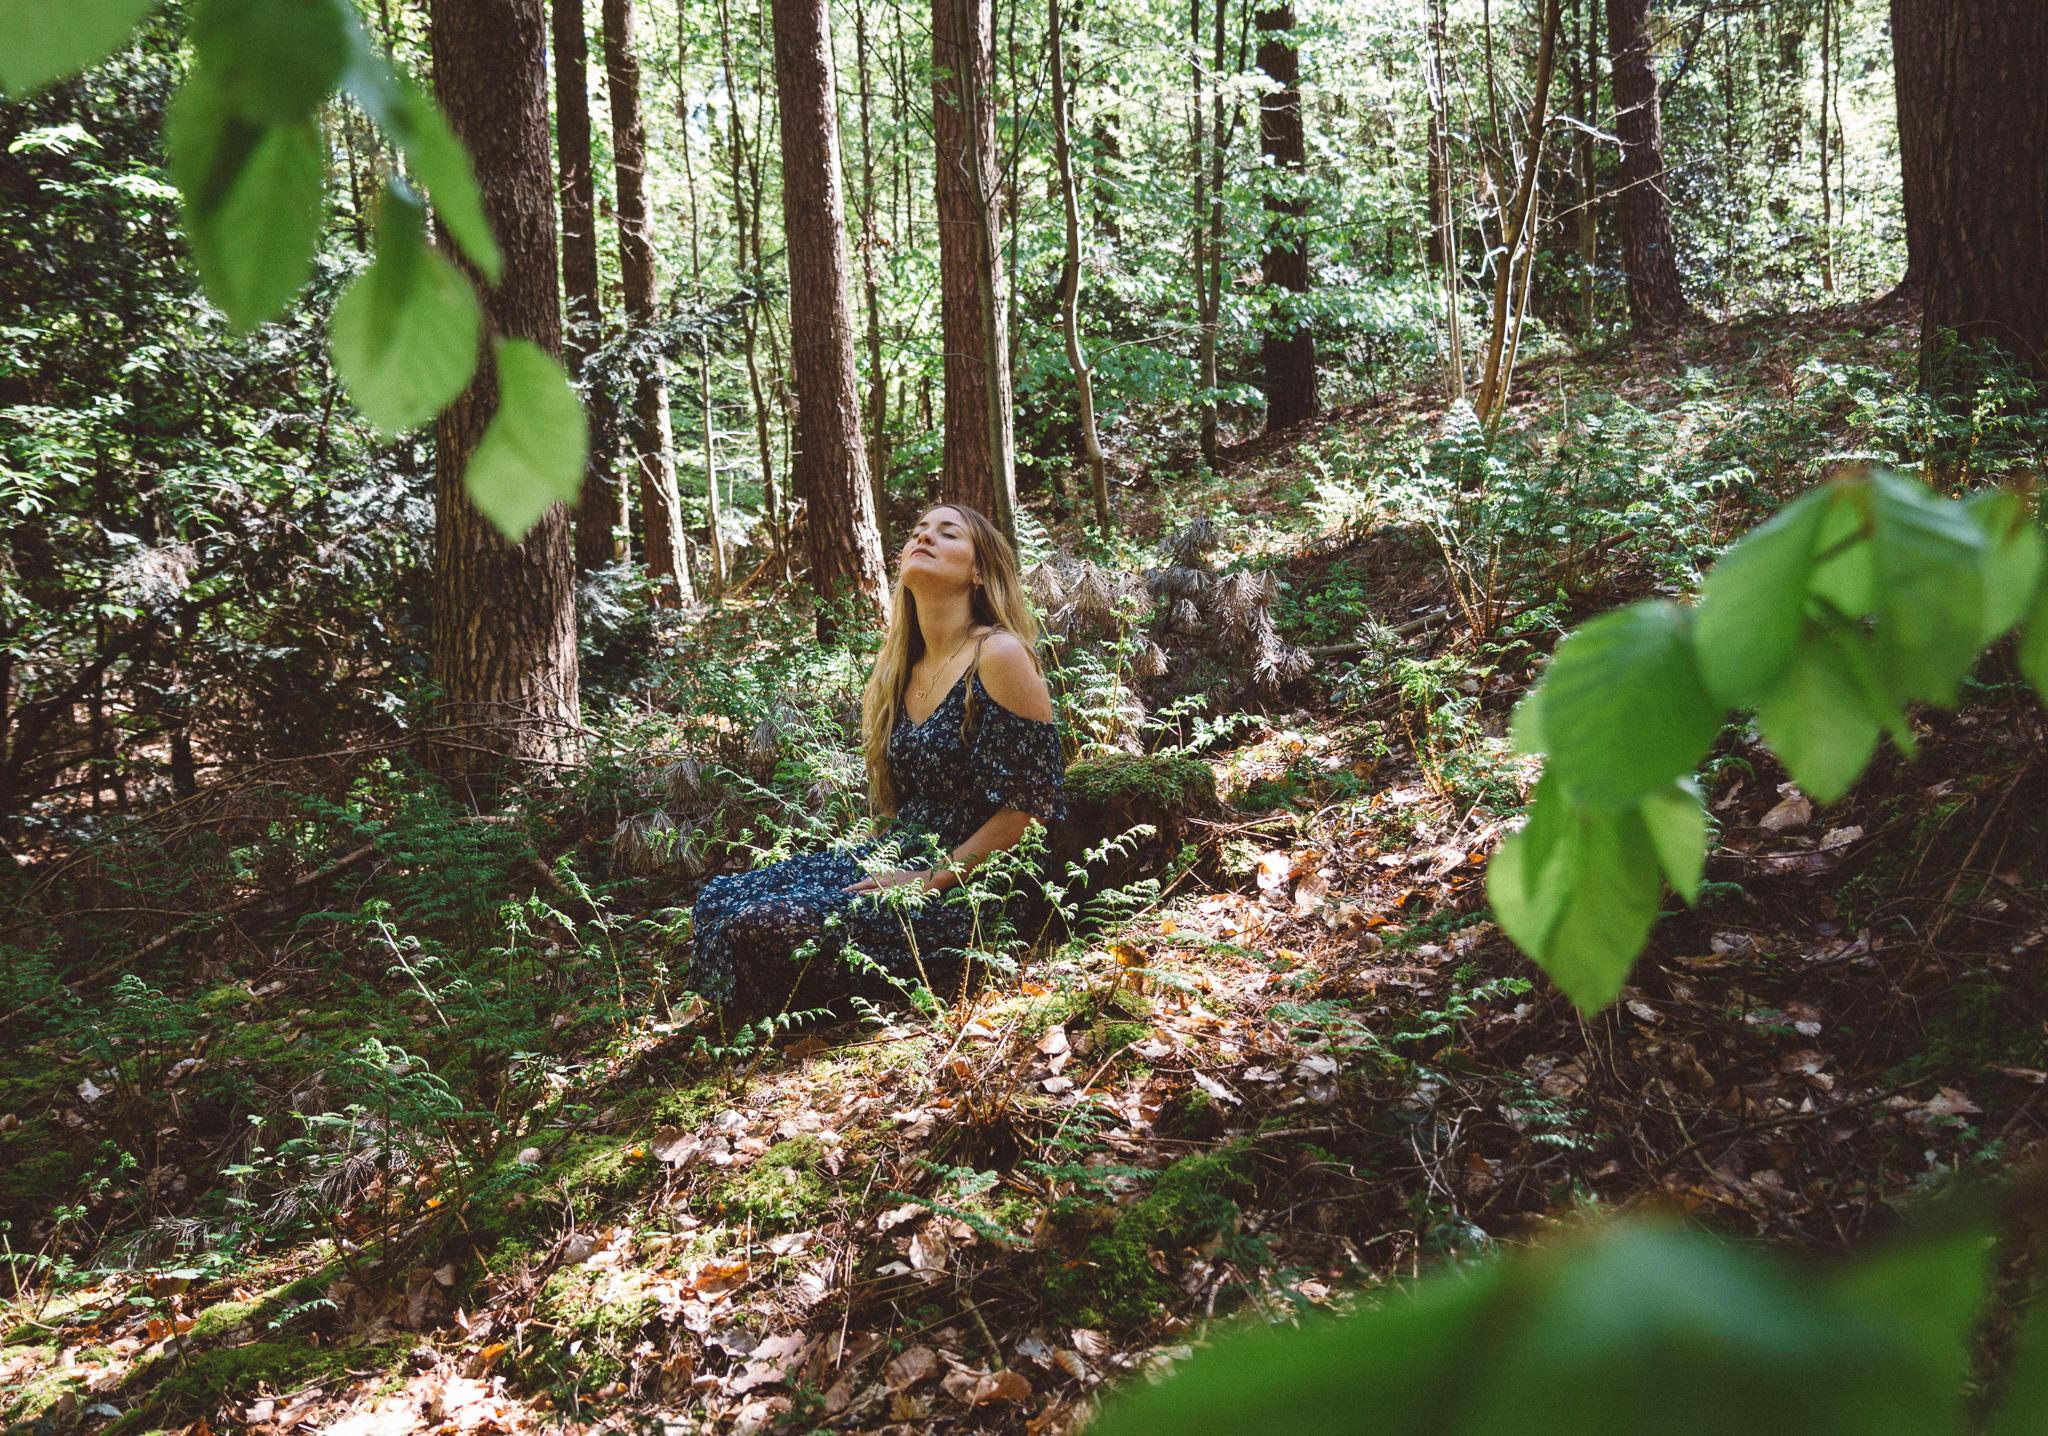 Das Waldbaden hat in Japan nicht nur Tradition, sondern gilt dort sogar als Medizin; Mit der heilenden Kraft der Natur sich selbst neu entdecken